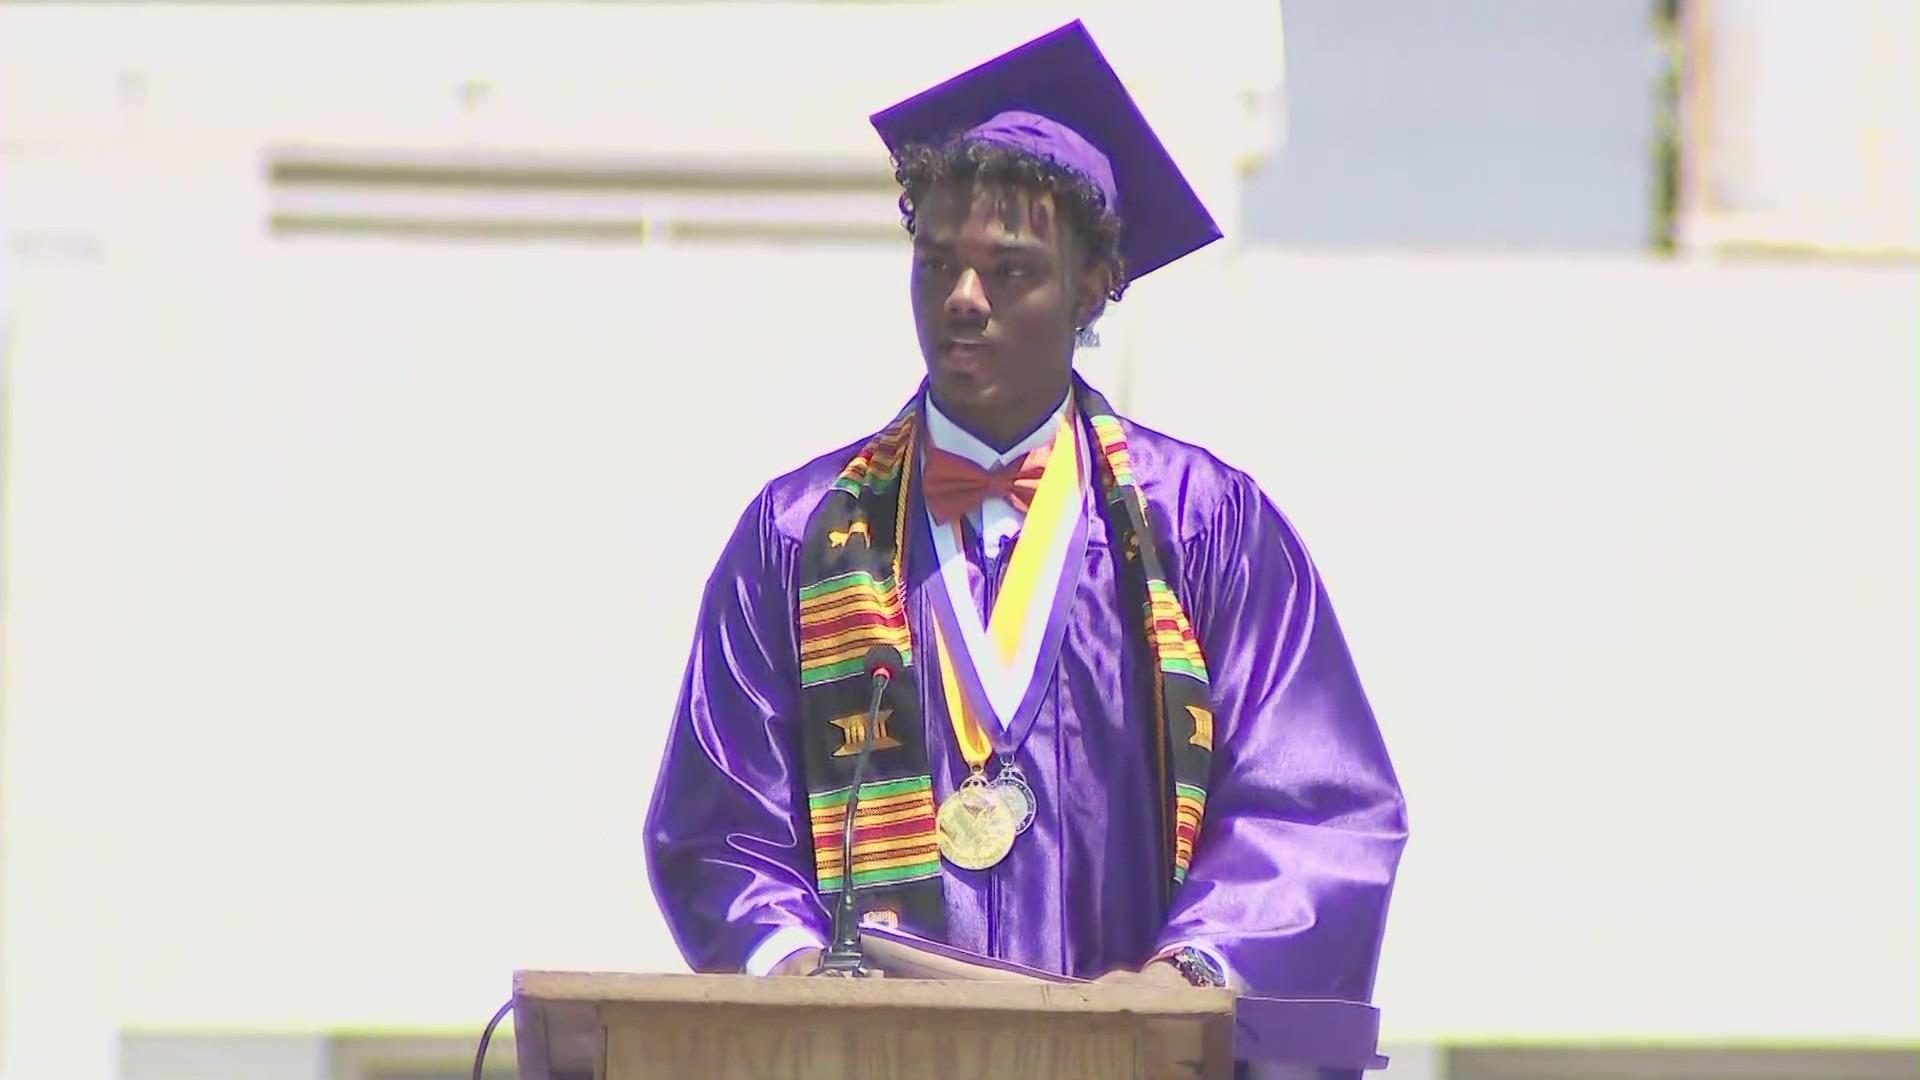 Jay'len Carter graduates from Manual Arts Senior High School in South Los Angeles as valedictorian on June 11, 2021. (KTLA)